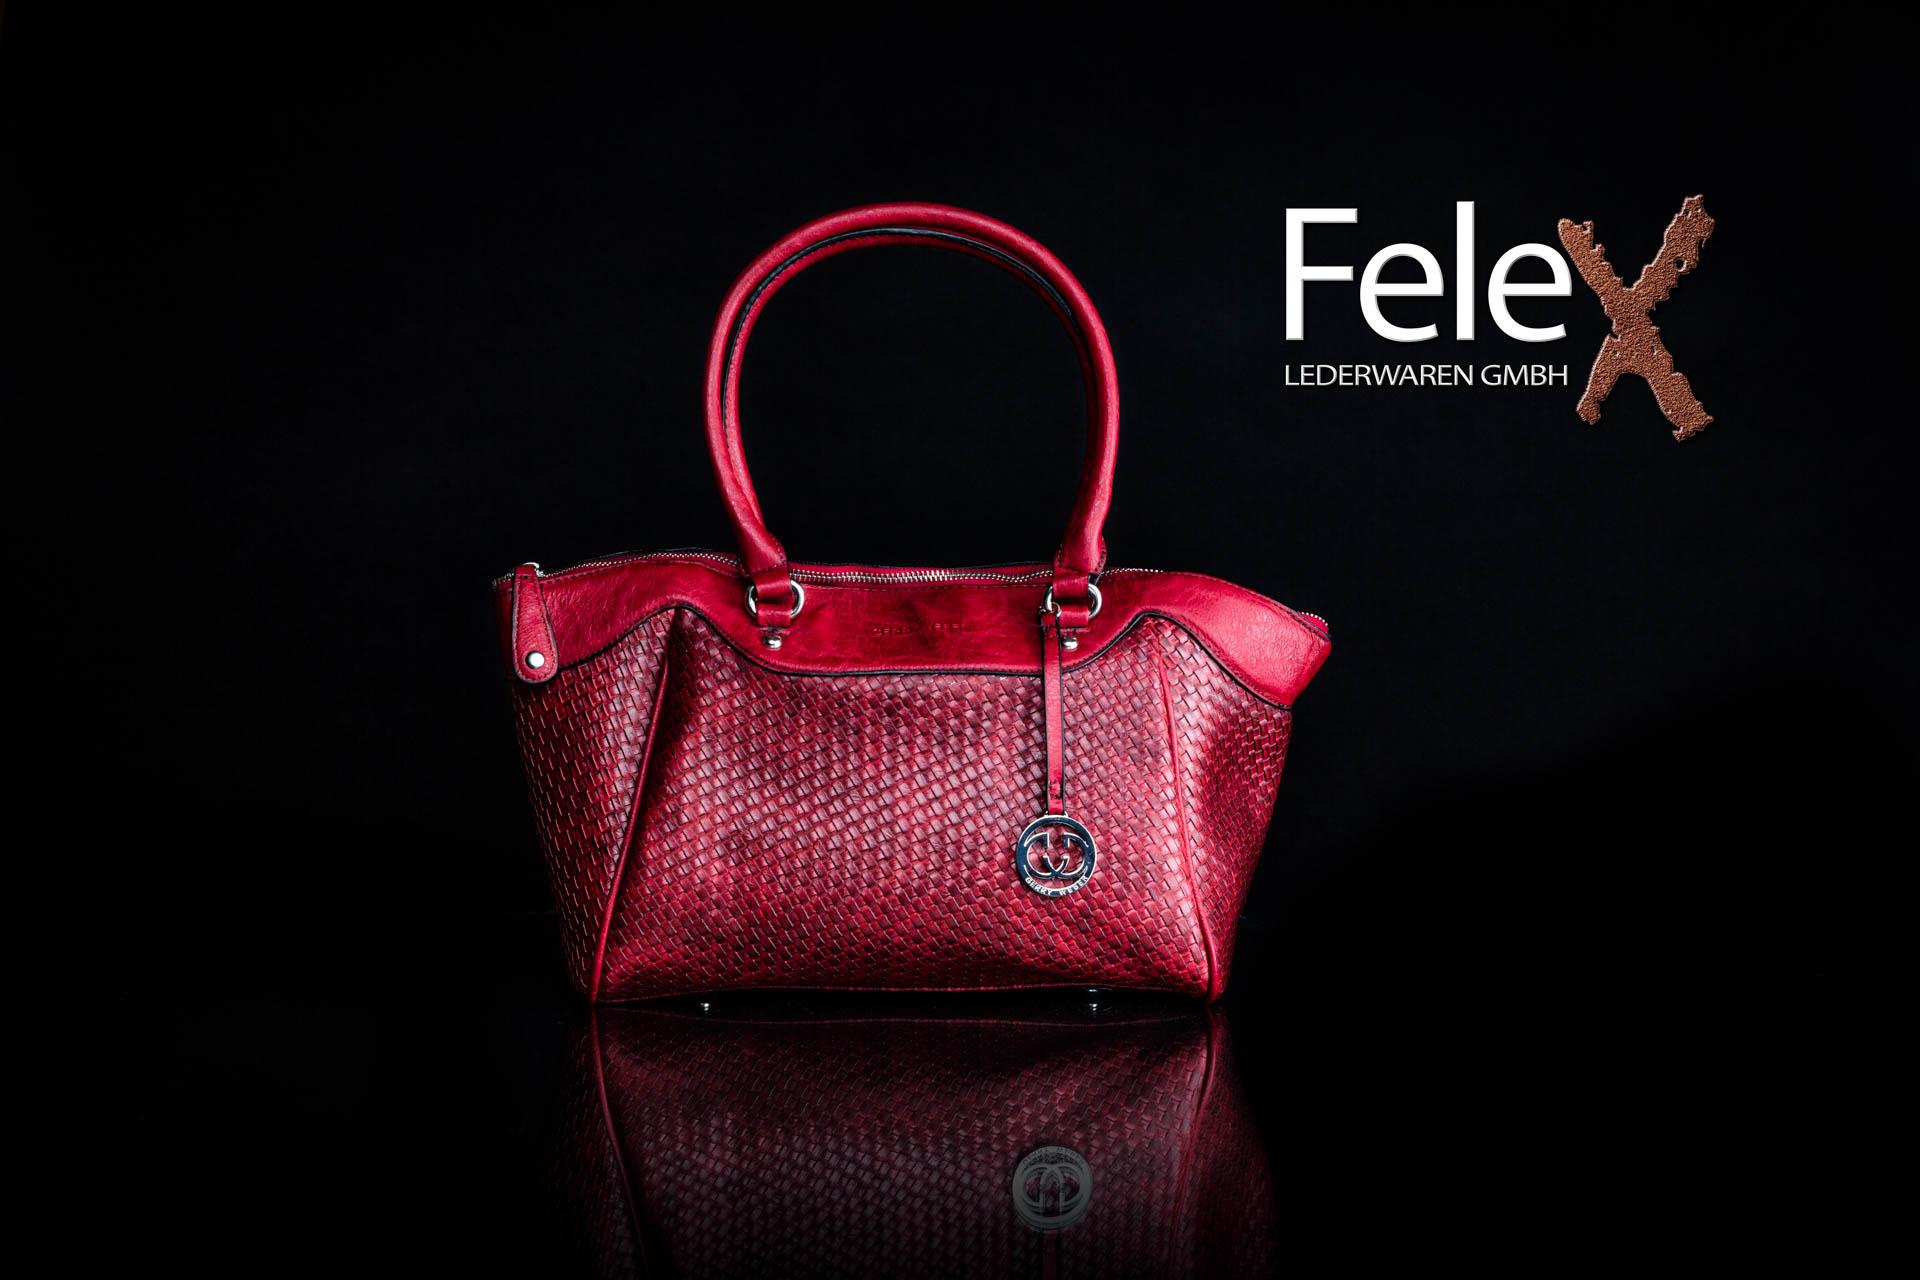 Felex Lederwaren GmbH